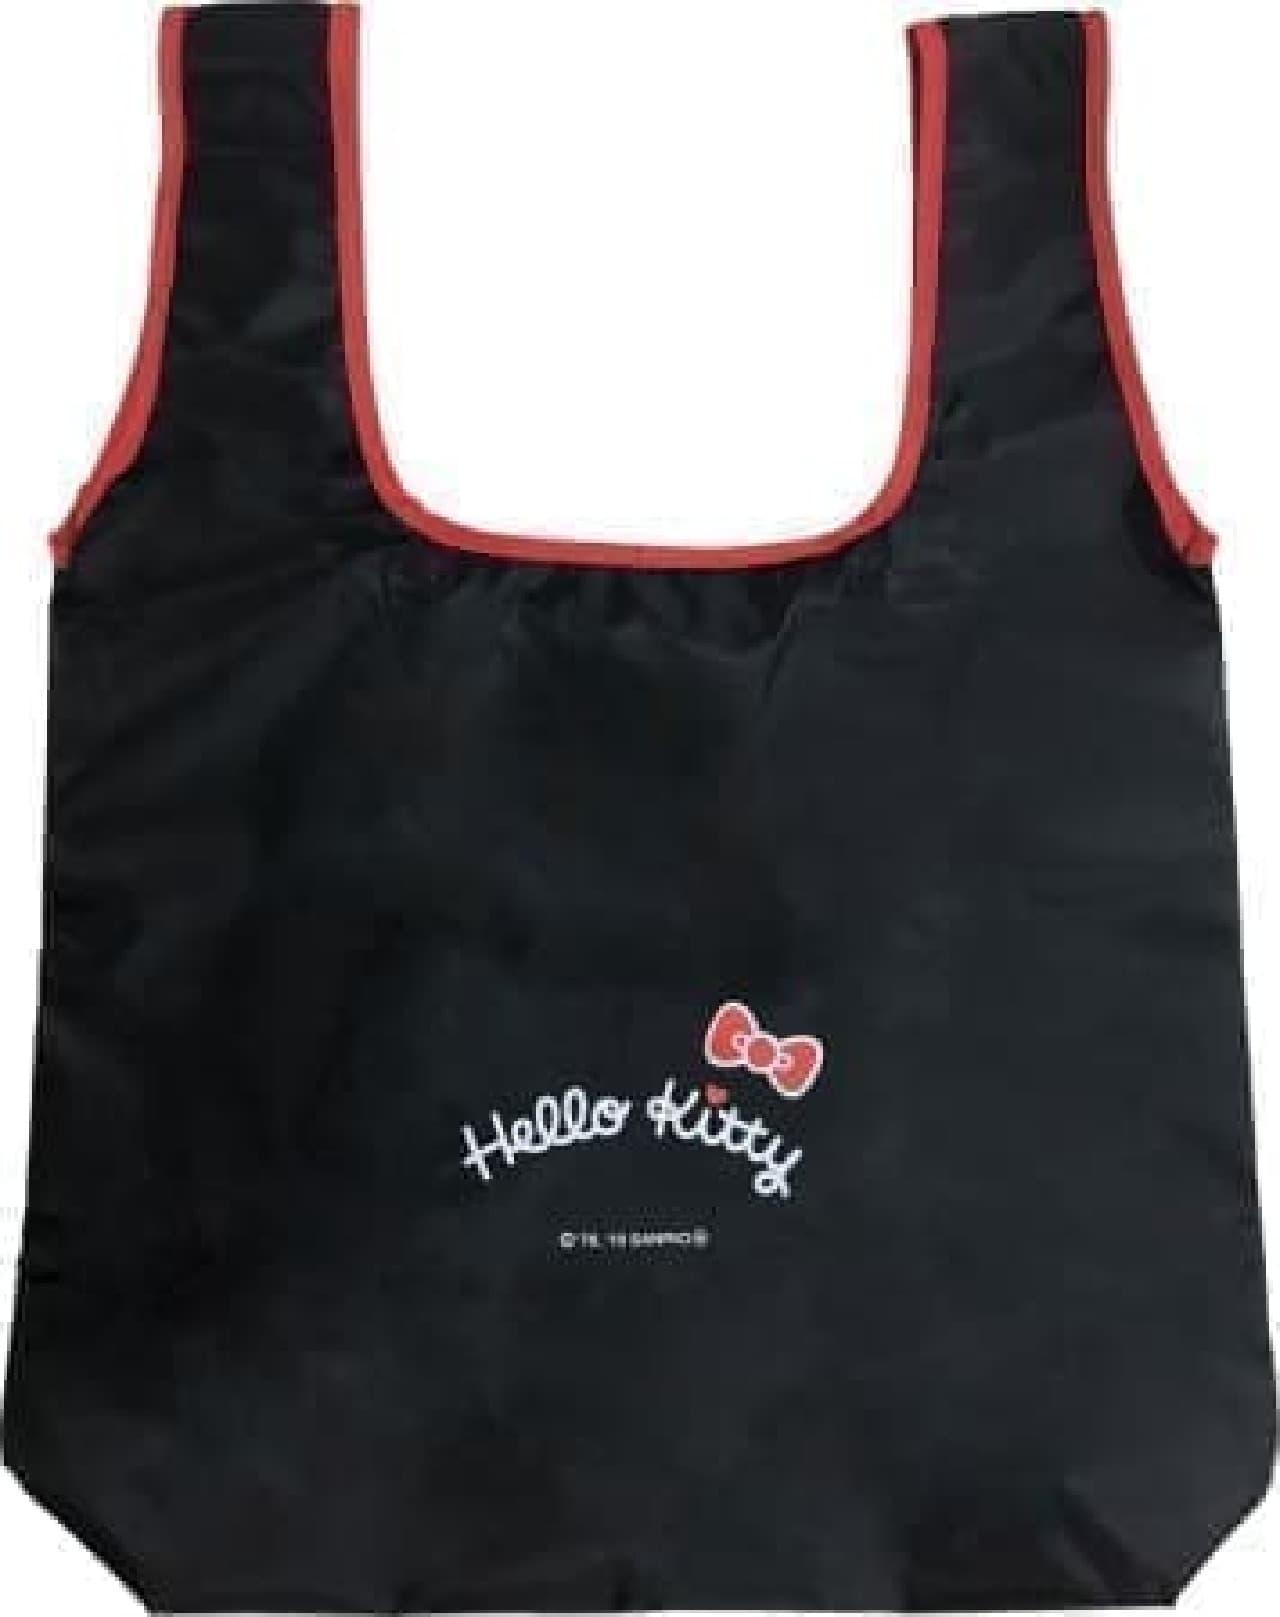 ハローキティのエコバッグがもらえる♪ローソンストア100がプレゼントキャンペーン